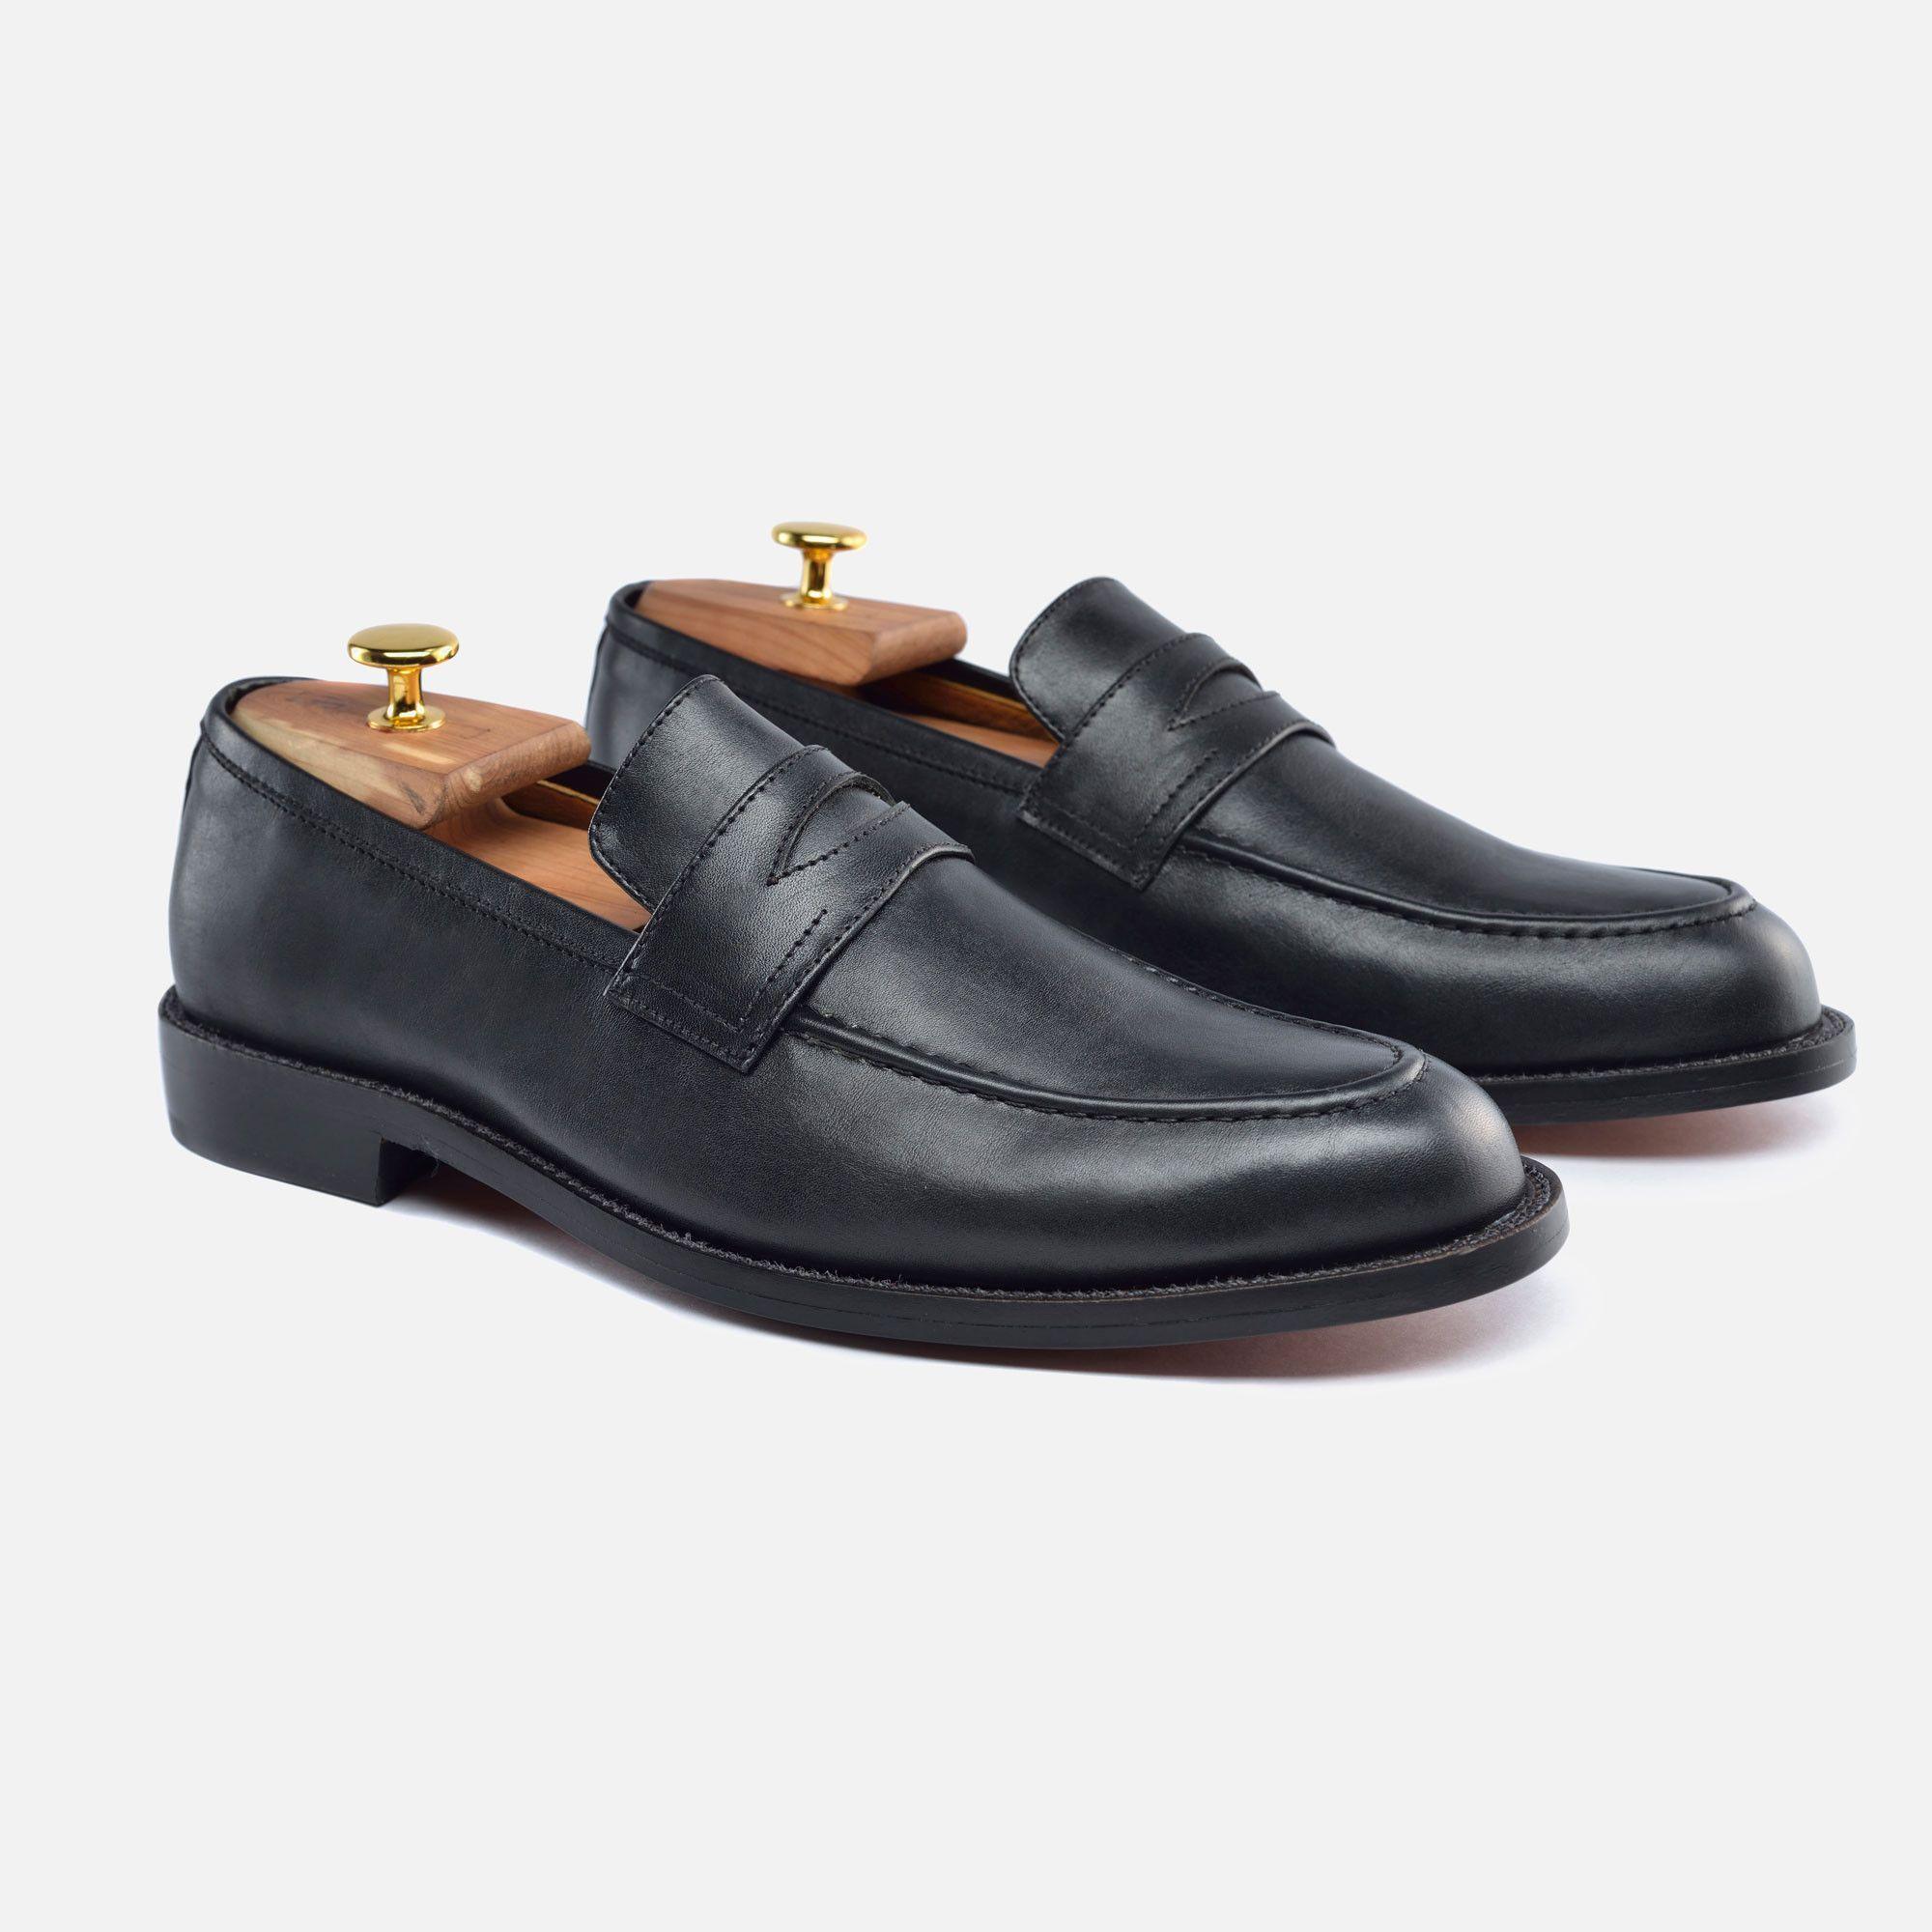 Men's Loafer - Black Calfskin Leather